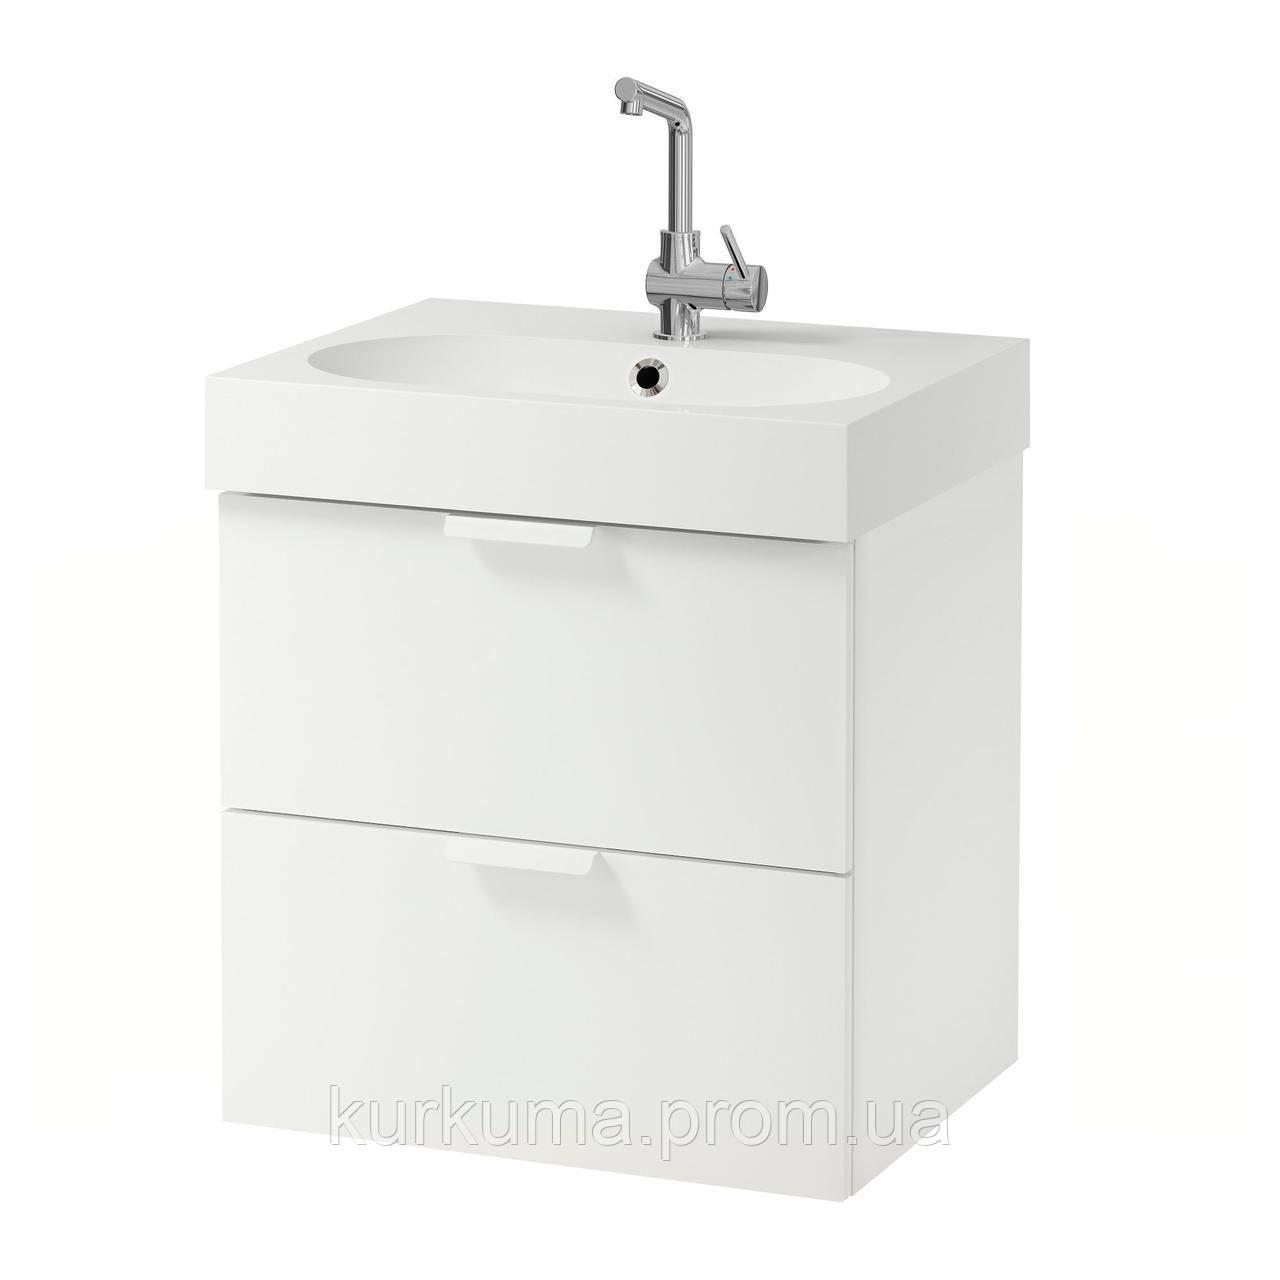 IKEA GODMORGON/BRAVIKEN Шкаф под умывальник с раковиной, белый  (290.234.35)